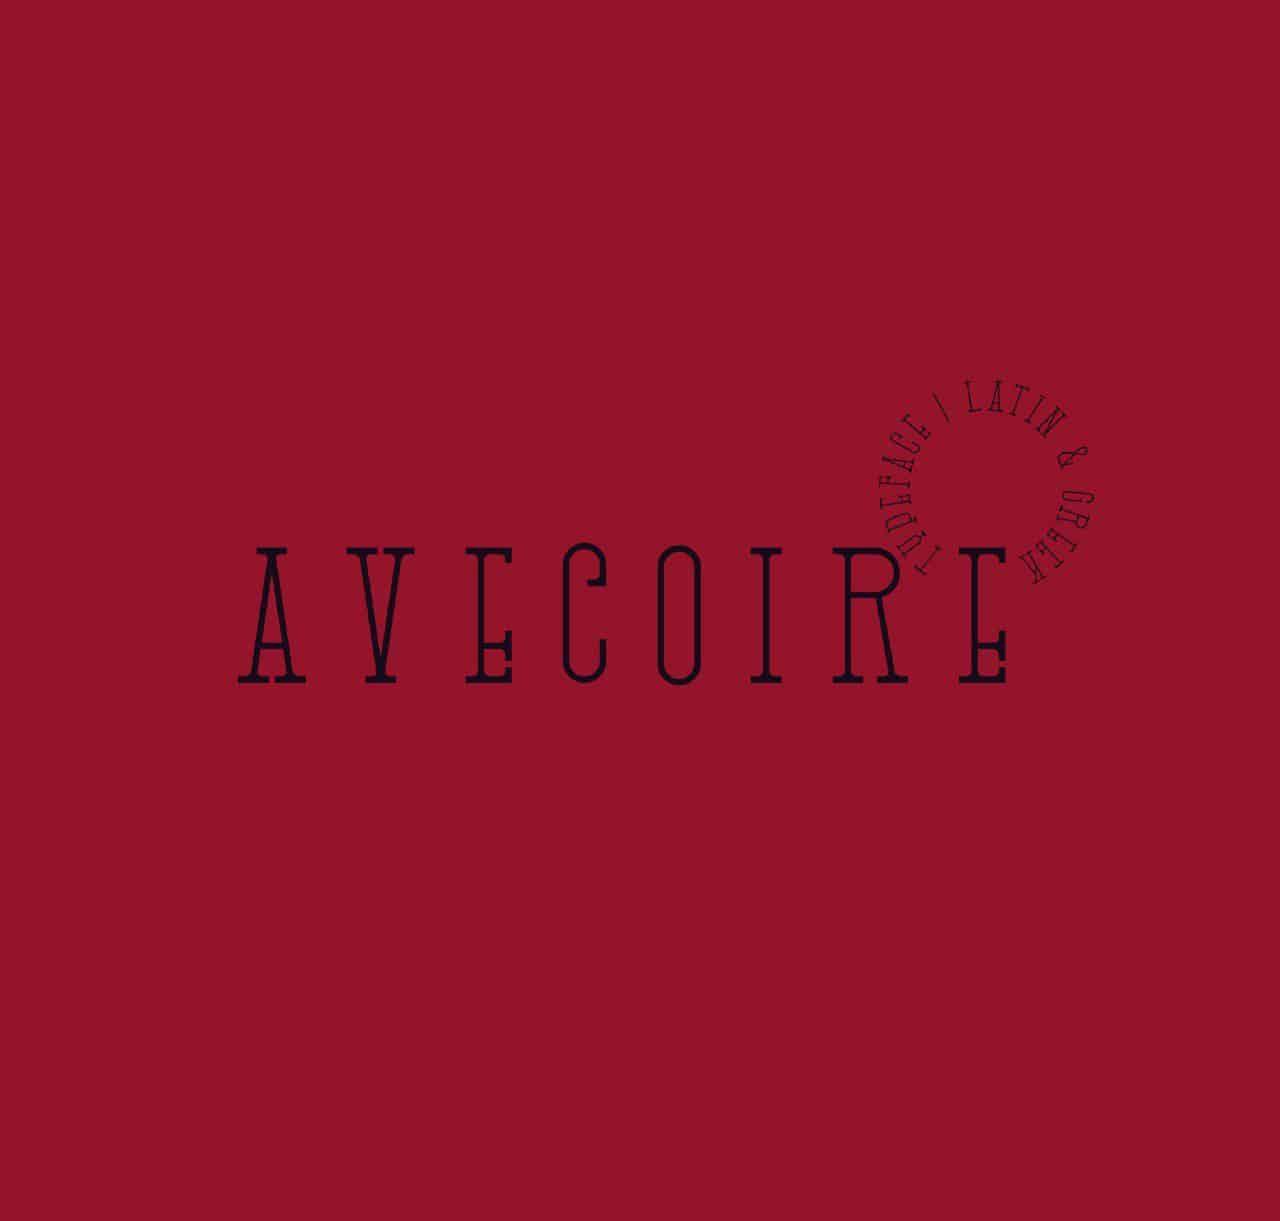 Download Avecoire font (typeface)